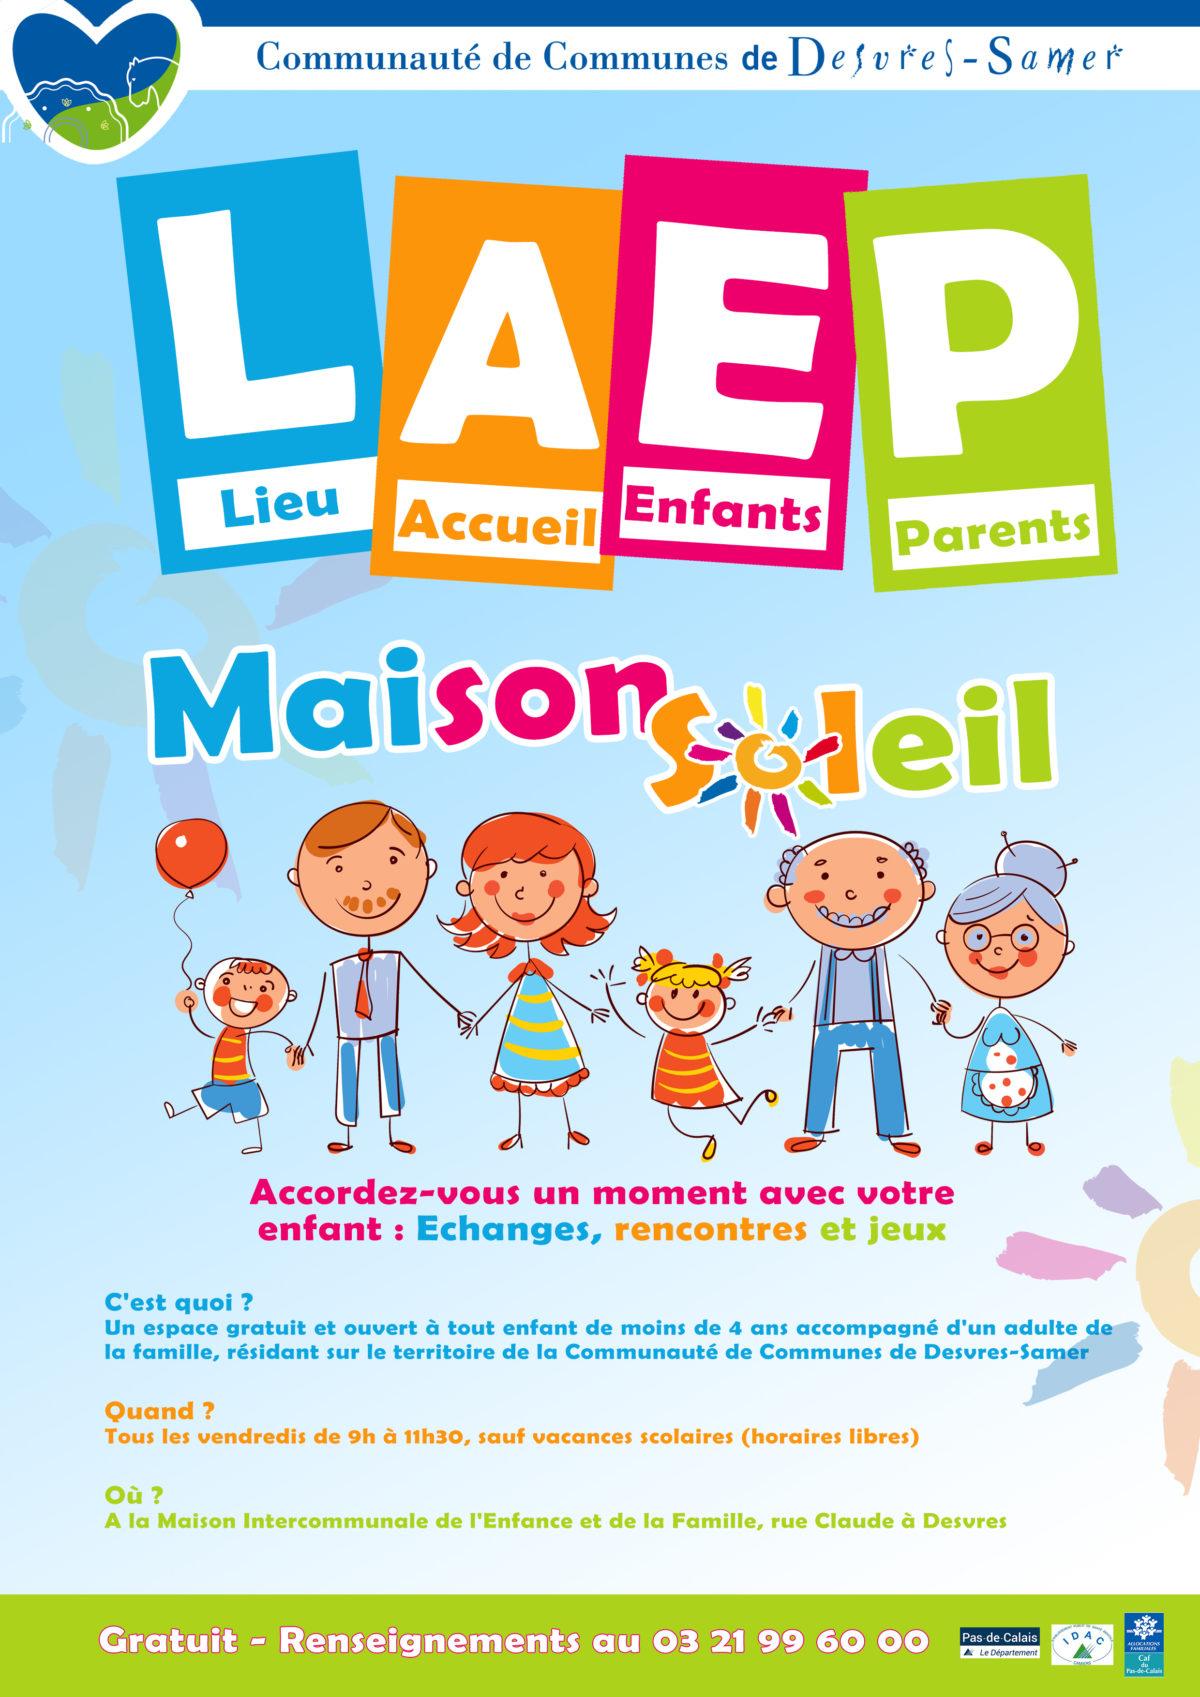 Lieu Accueil Enfants Parents – Communauté De Communes De avec Jeux Enfant 4 Ans Gratuit